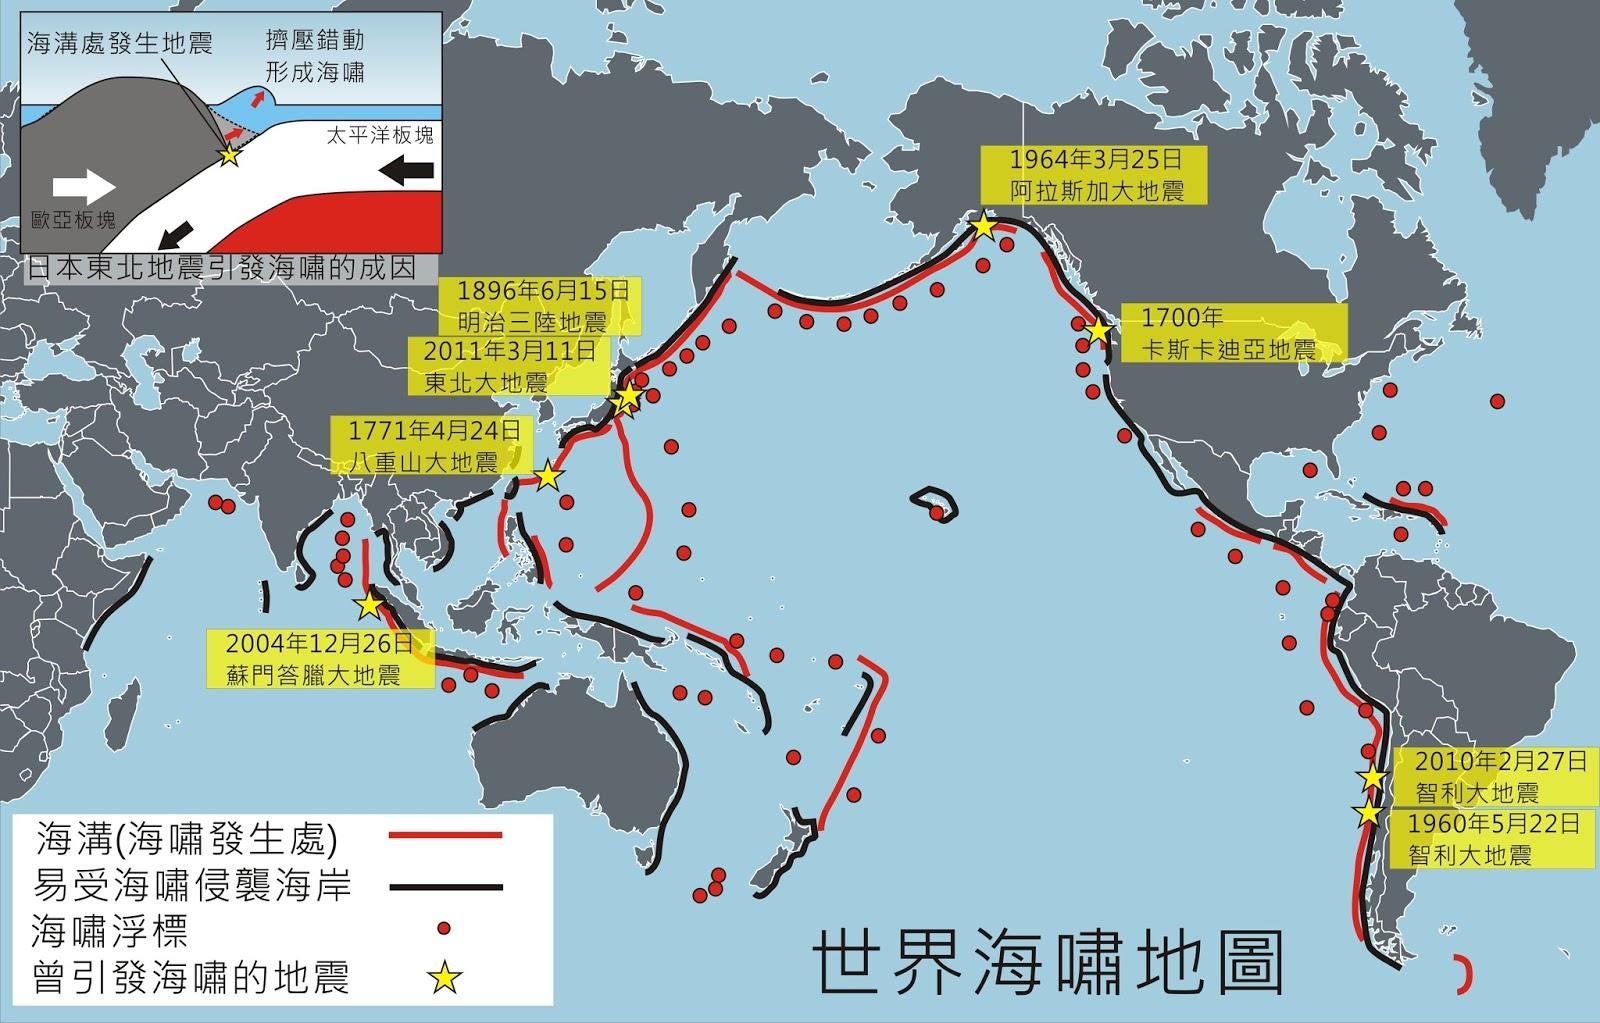 地球故事書: 【國語日報專區】世界海嘯地圖